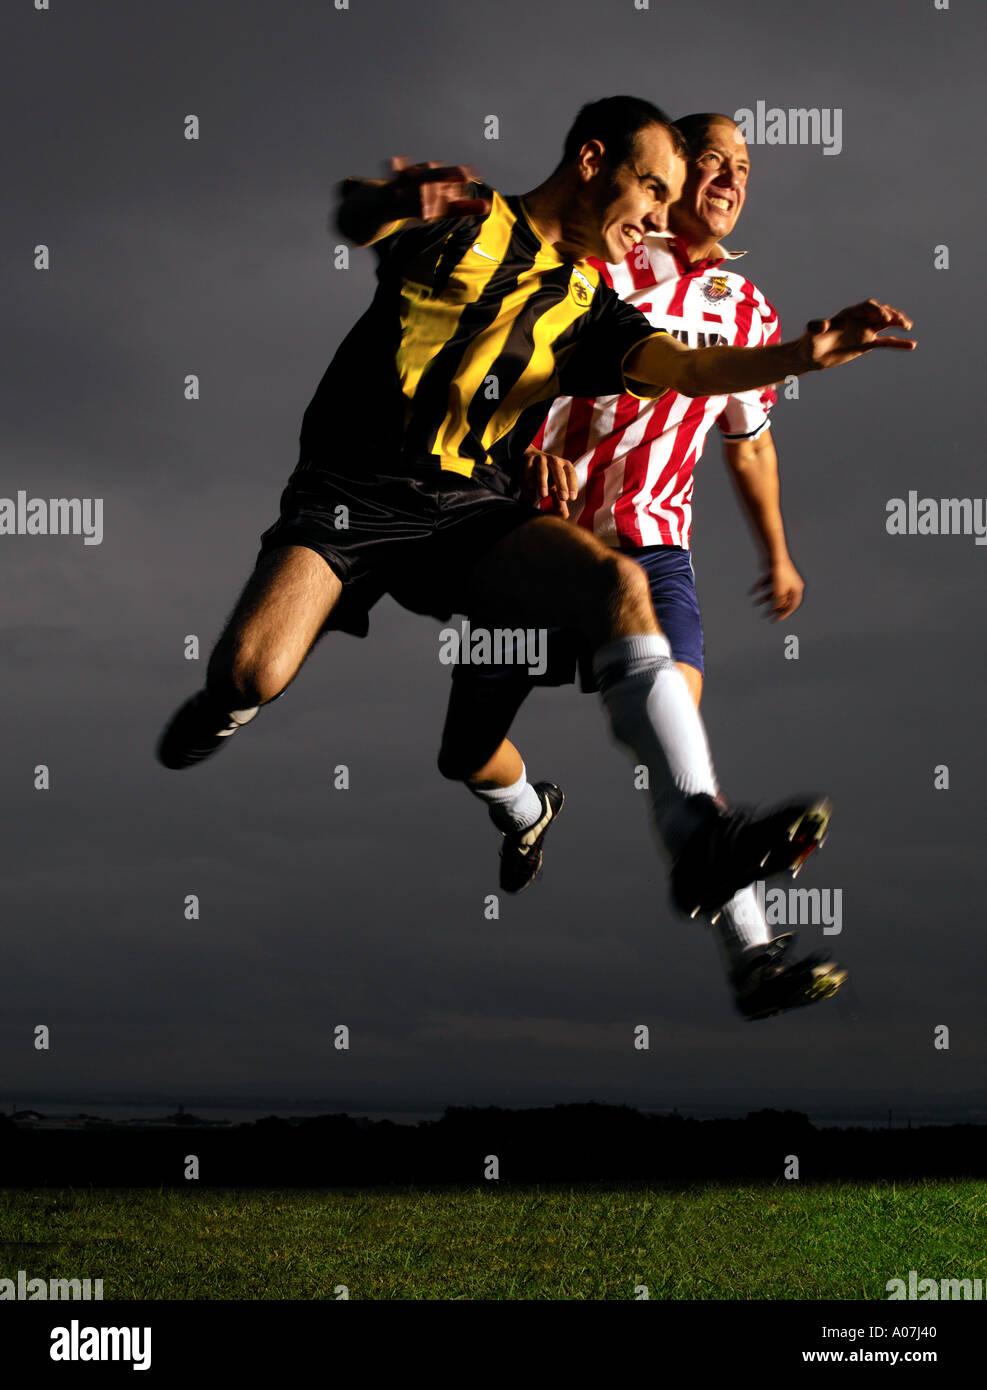 Acción, esfuerzo, desafío, Deporte, Horizontal, de longitud completa, al aire libre, 30-34 años, vista frontal, de fútbol, de apariencia caucásica. Imagen De Stock